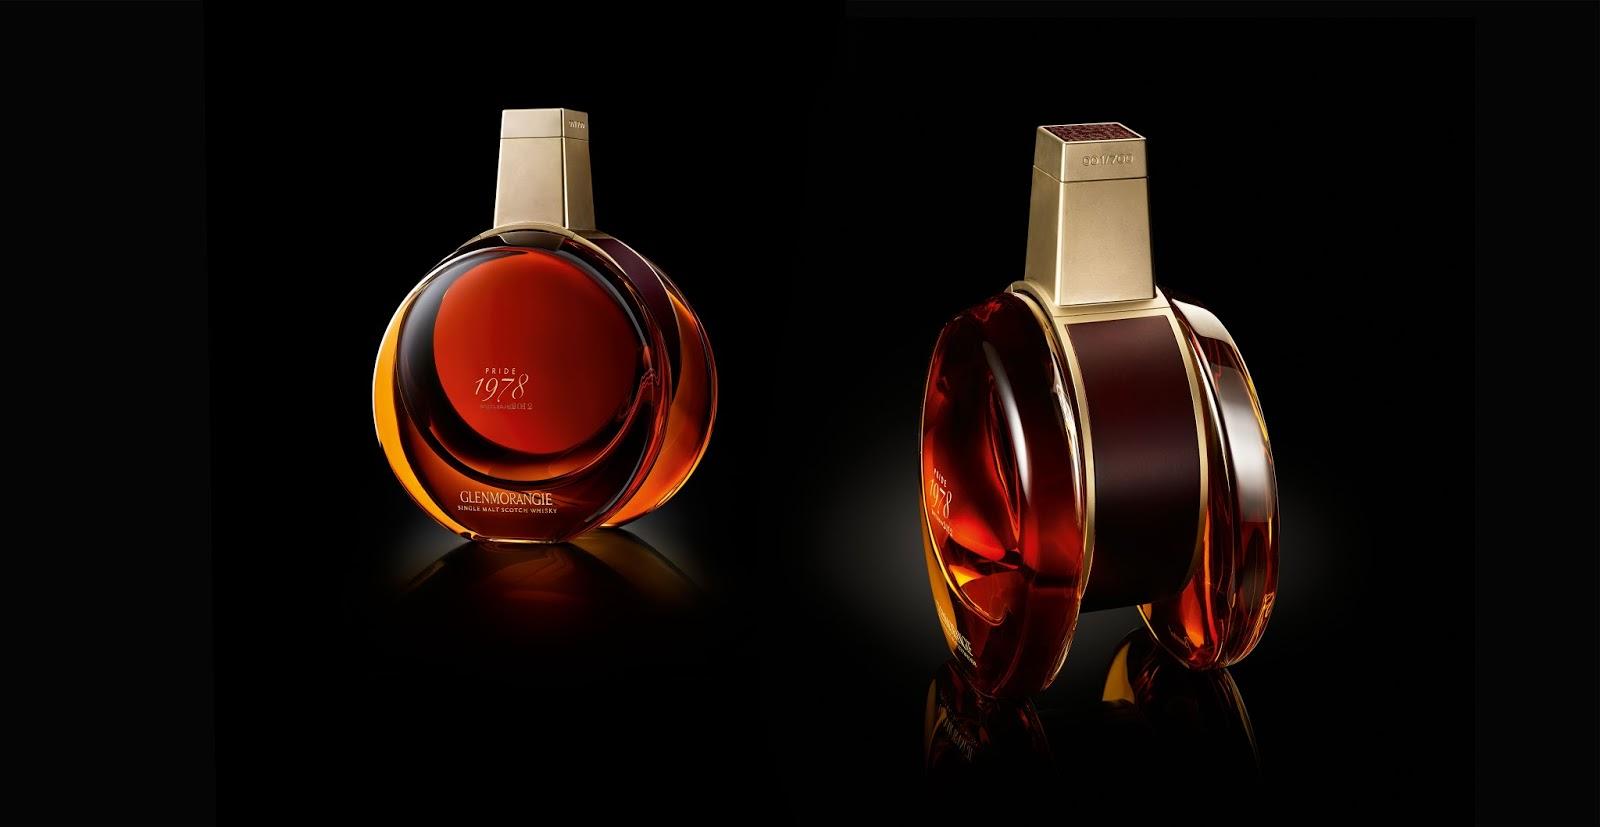 klasyczny smak w nowoczesnym wydaniu - butelka whisky